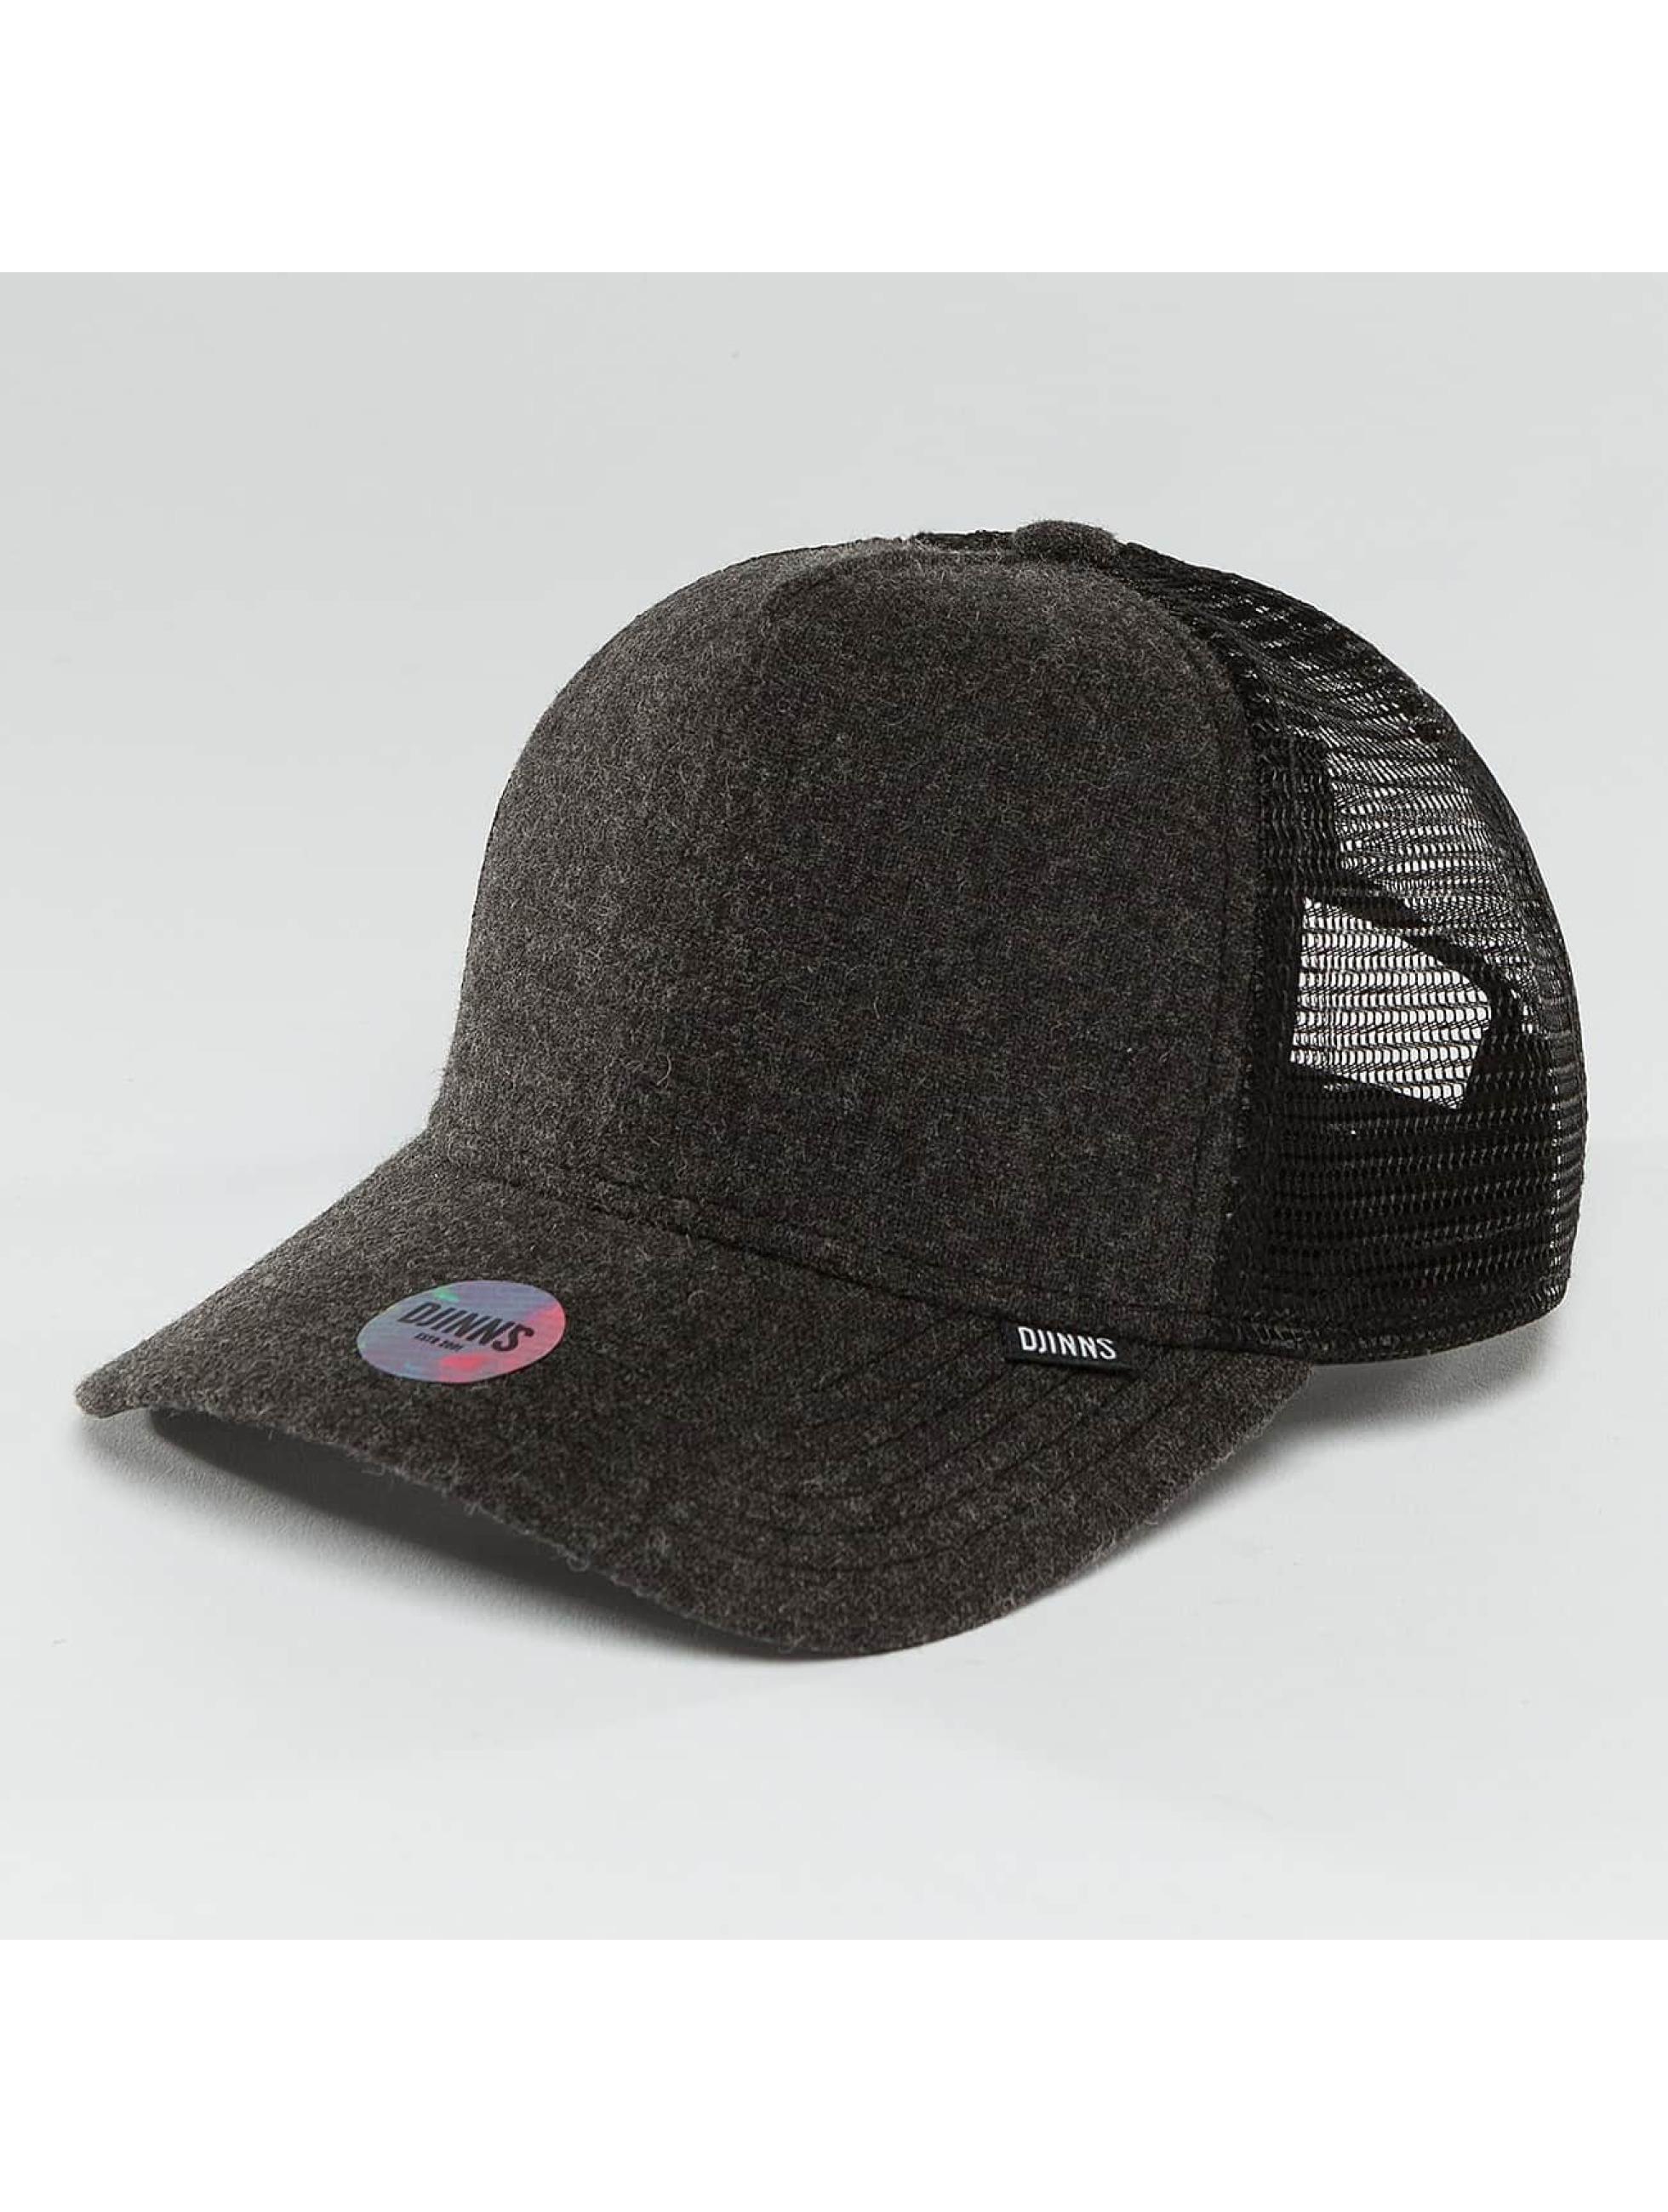 Djinns / Trucker Cap Flannel in black